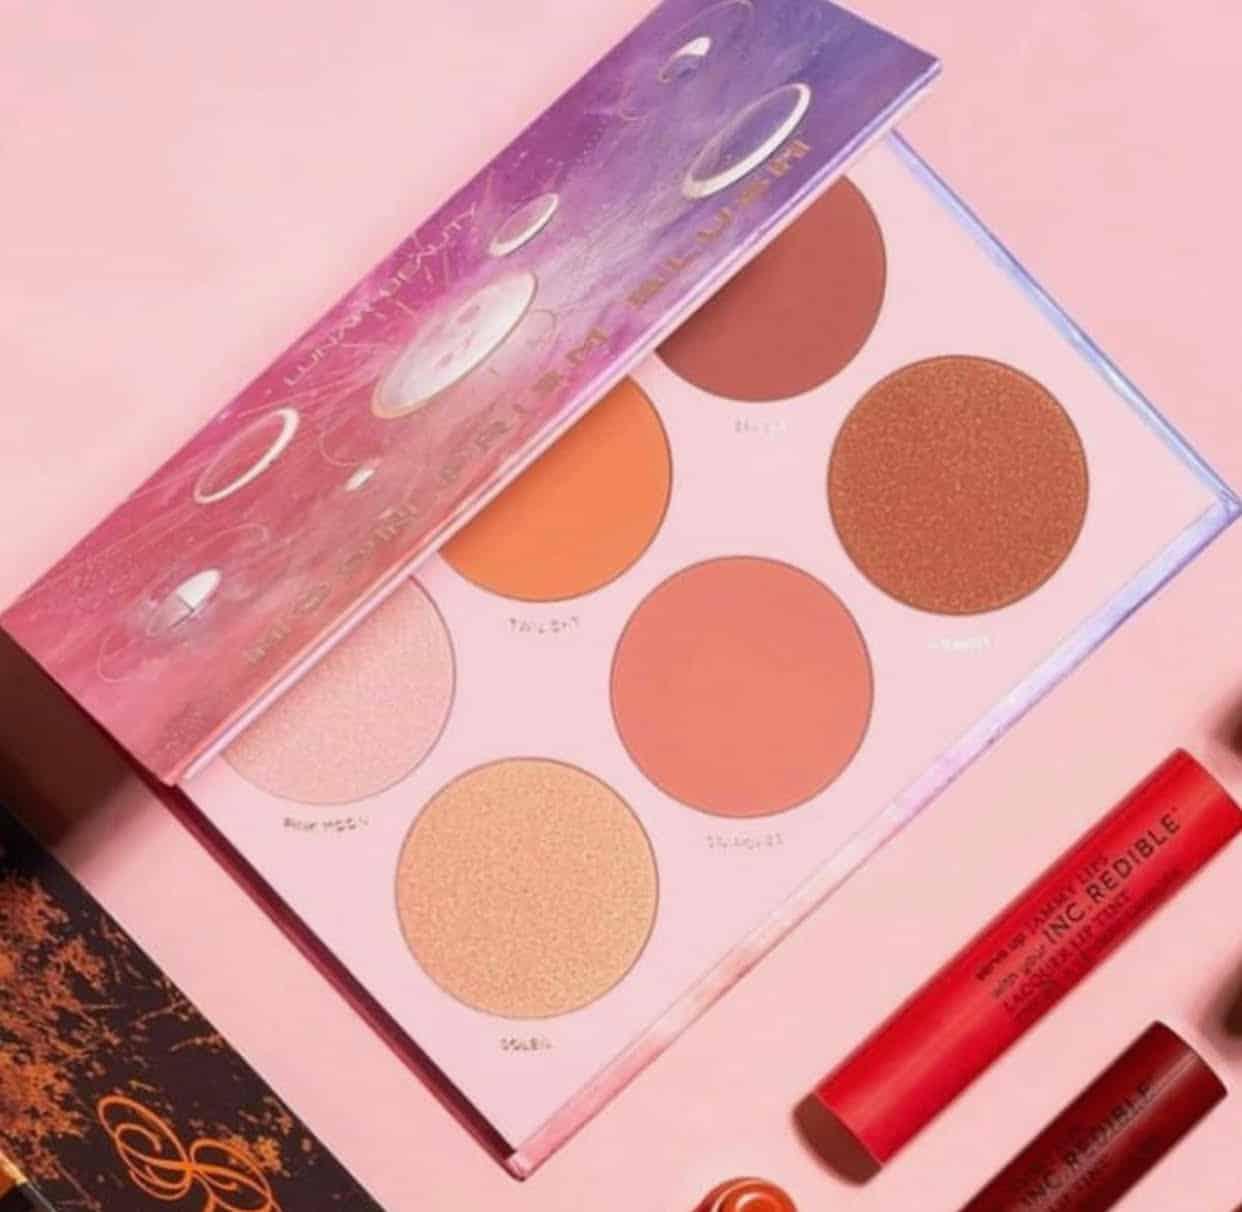 Lunar Beauty Moon Prism Blush Palette Collection